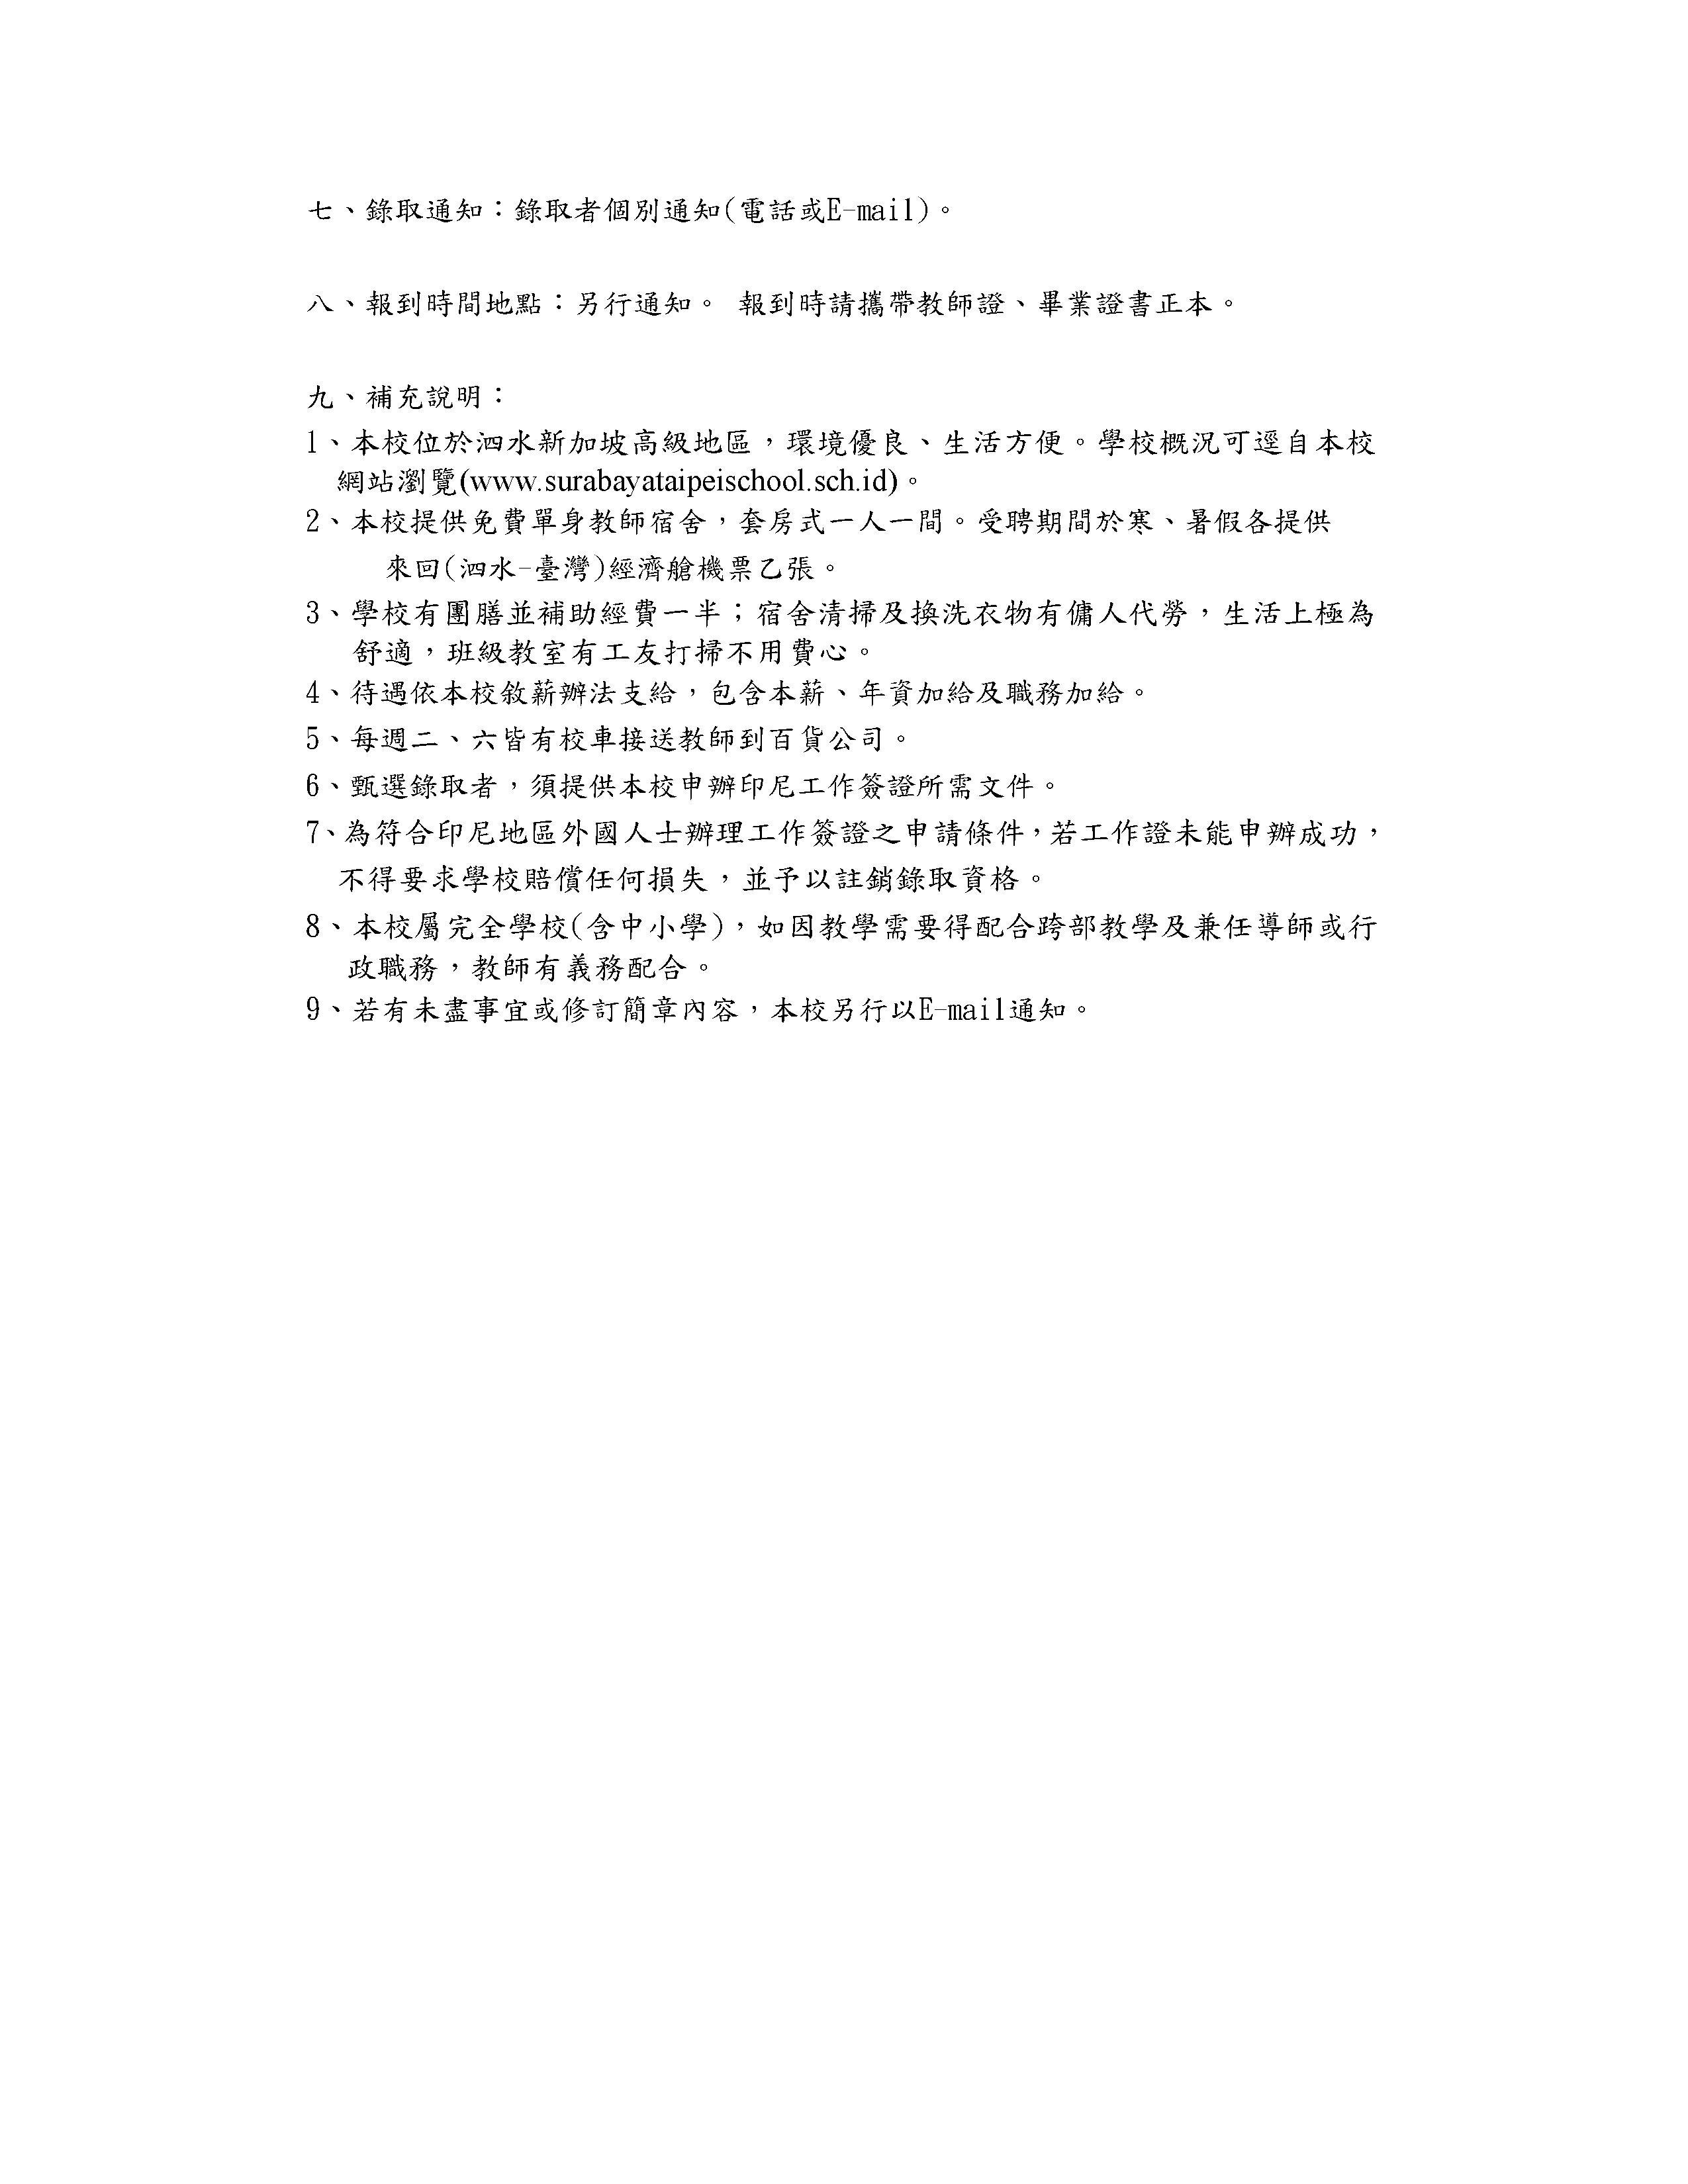 Microsoft Word - 108學年度小學部第二次教師甄選簡章108.4.29.doc0001